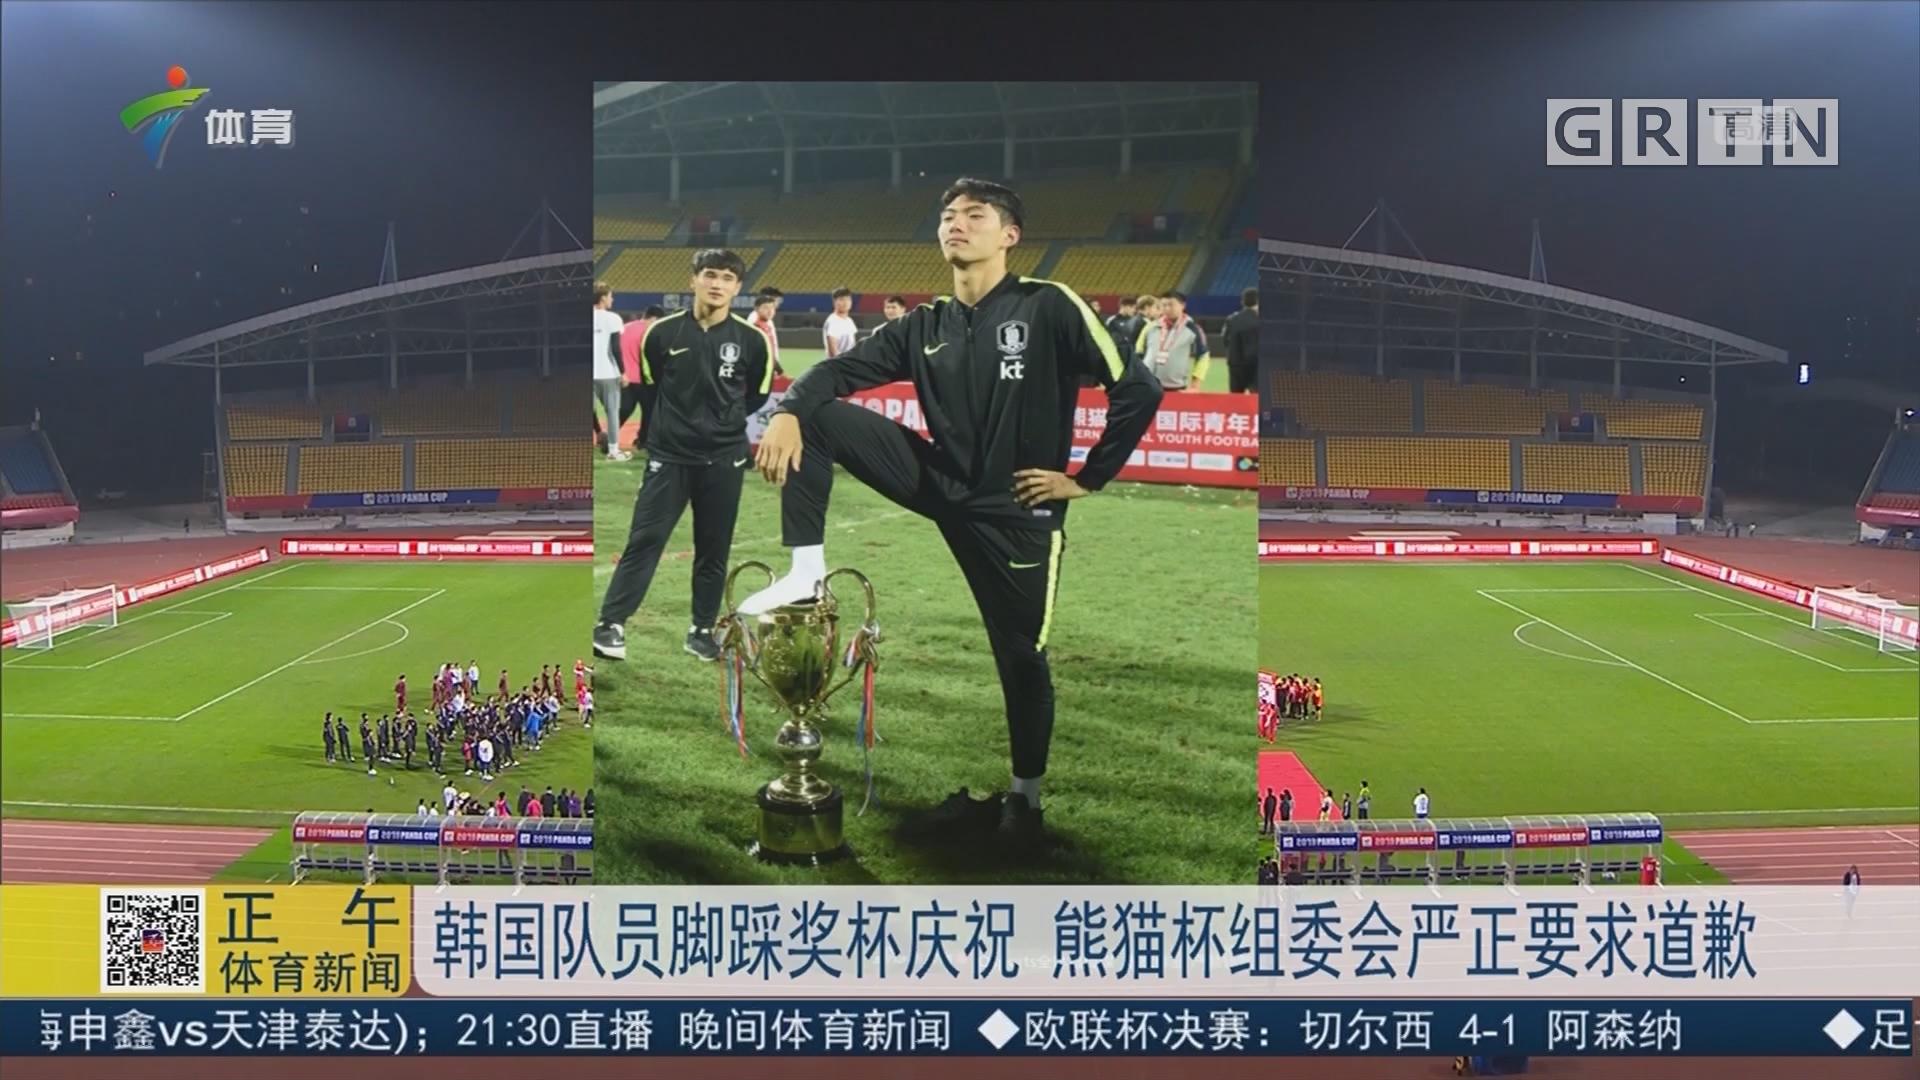 韩国队员脚踩奖杯庆祝 熊猫杯组委会严正要求道歉